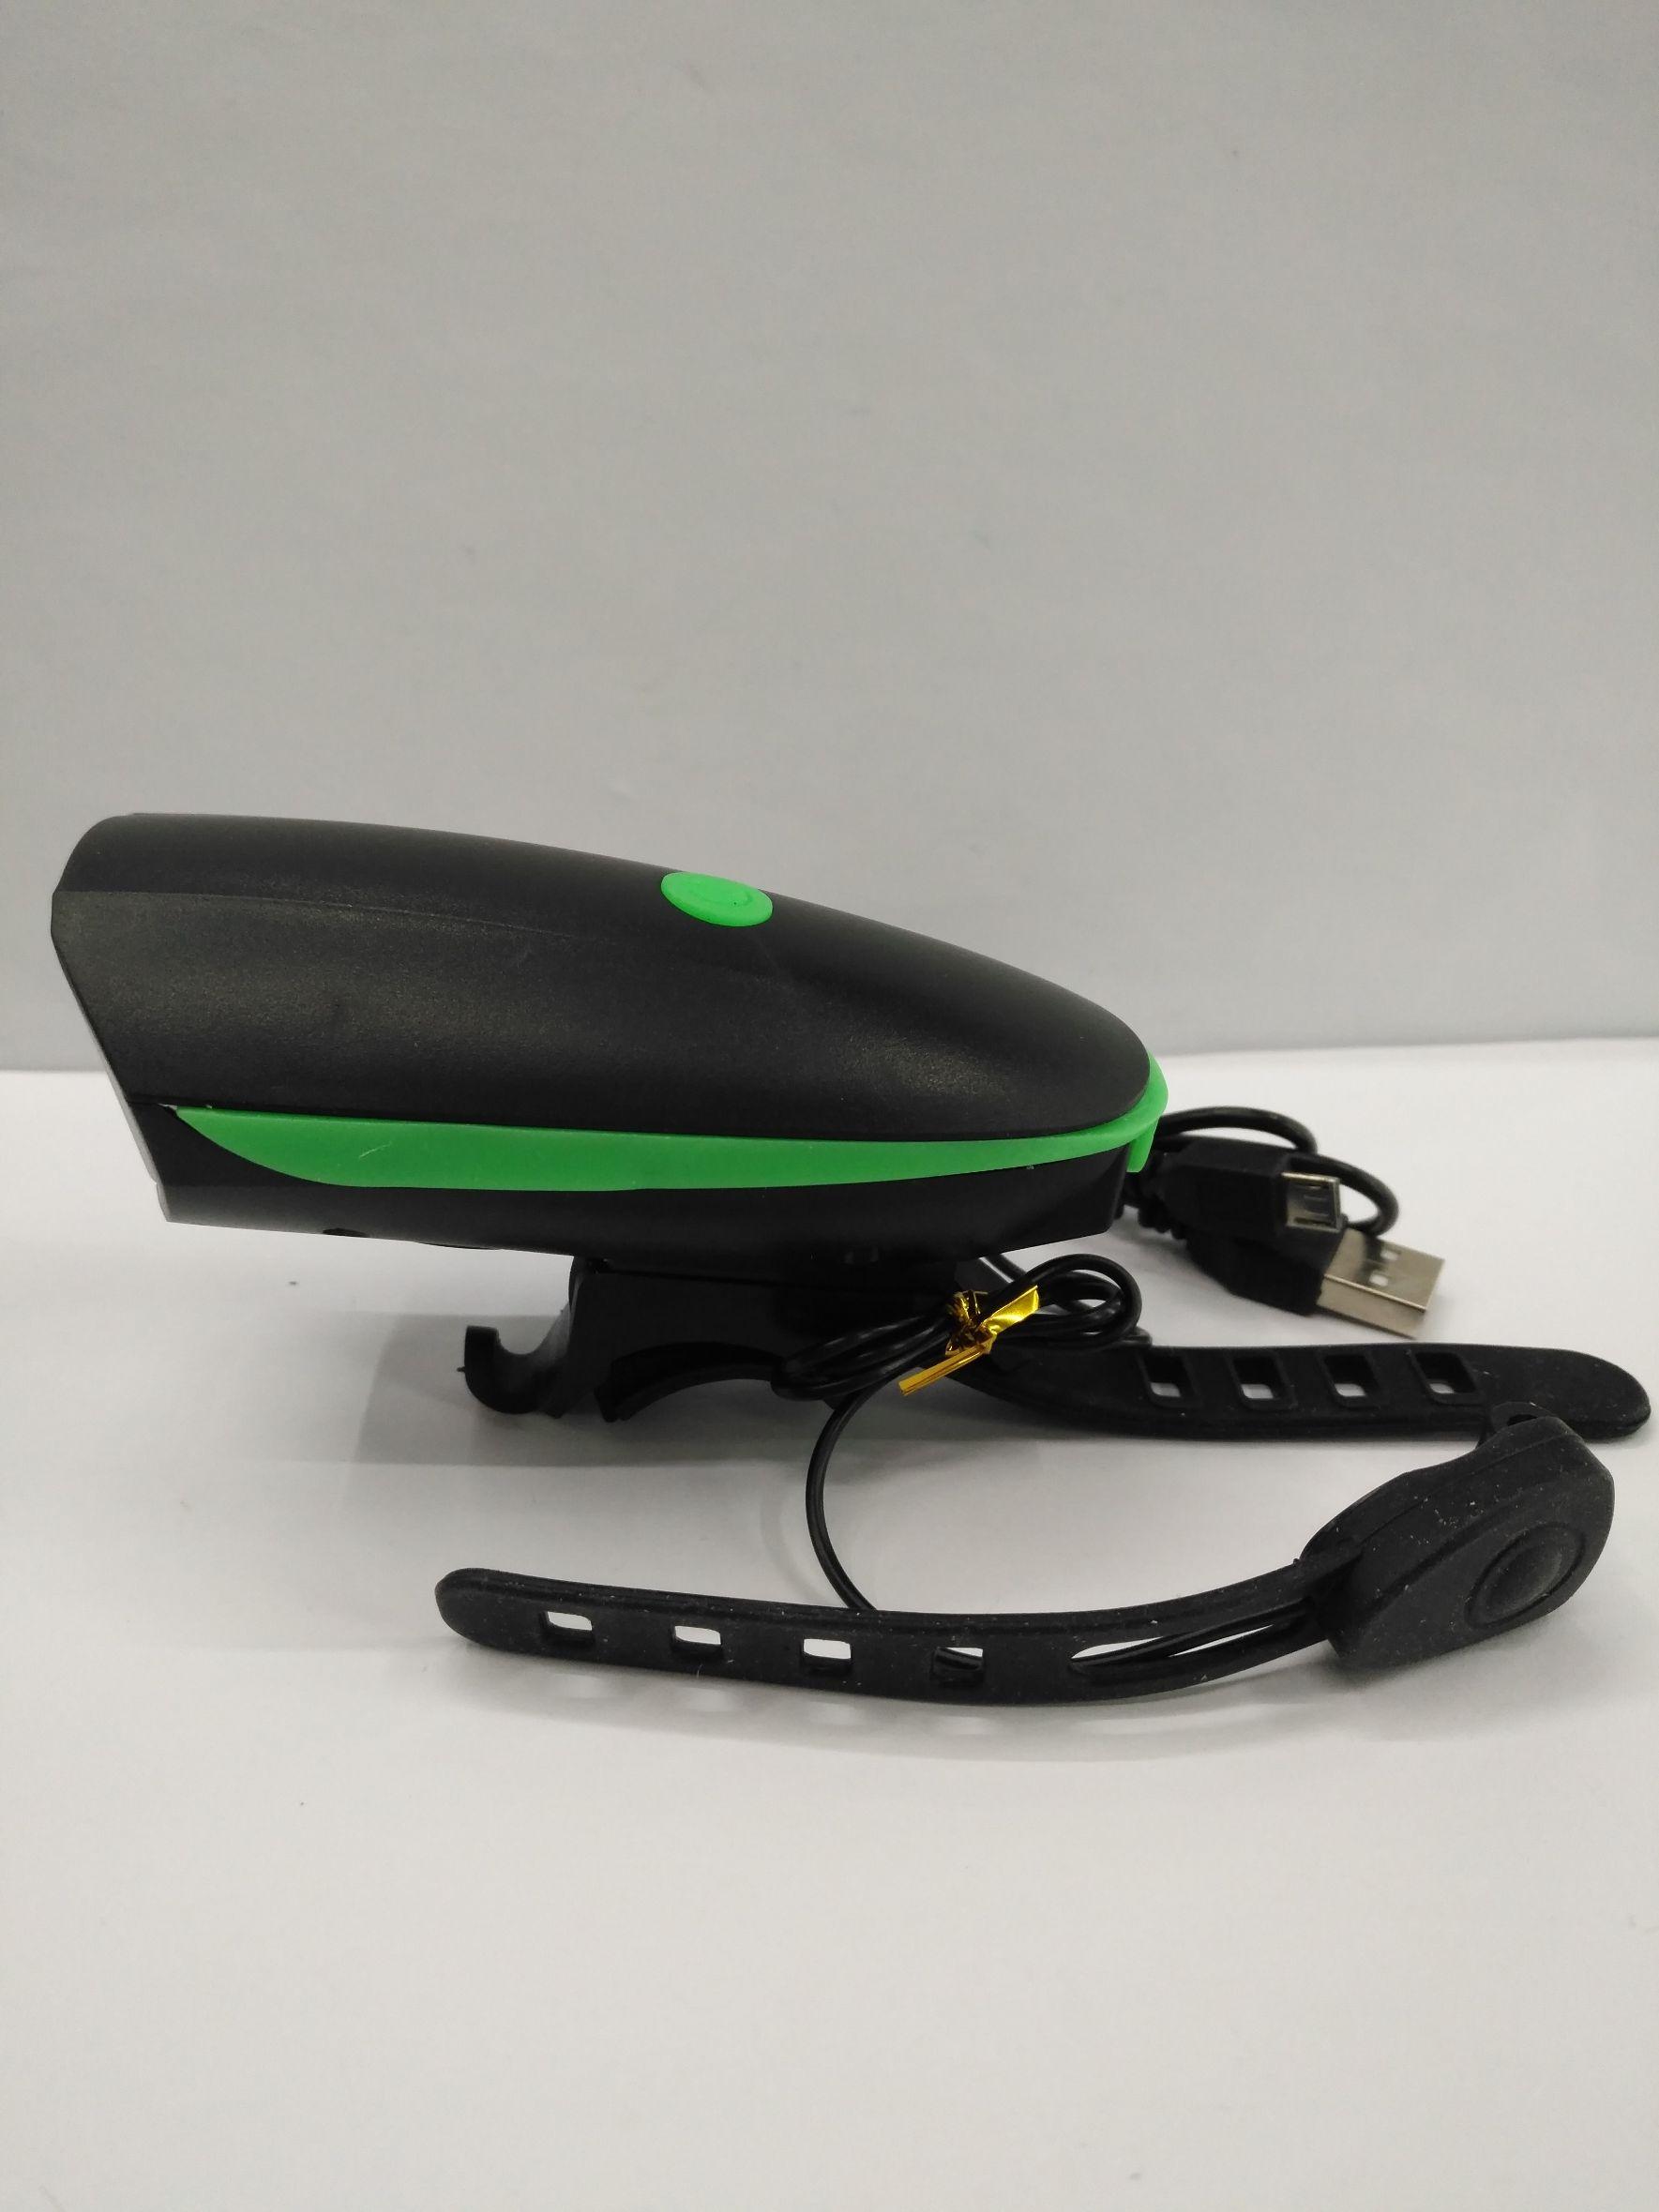 爆款自行车灯,喇叭灯,USB灯,骑行灯,安全灯,自行车装备